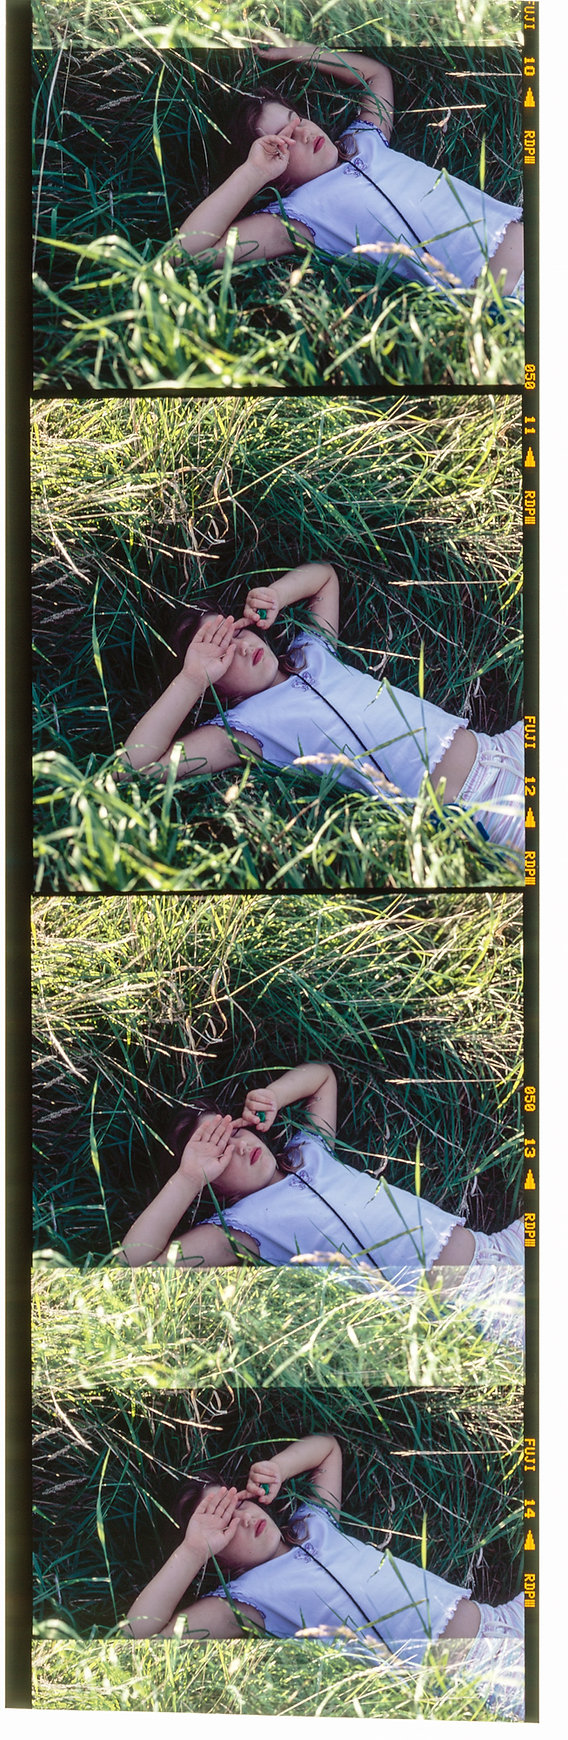 broken camera14.jpg